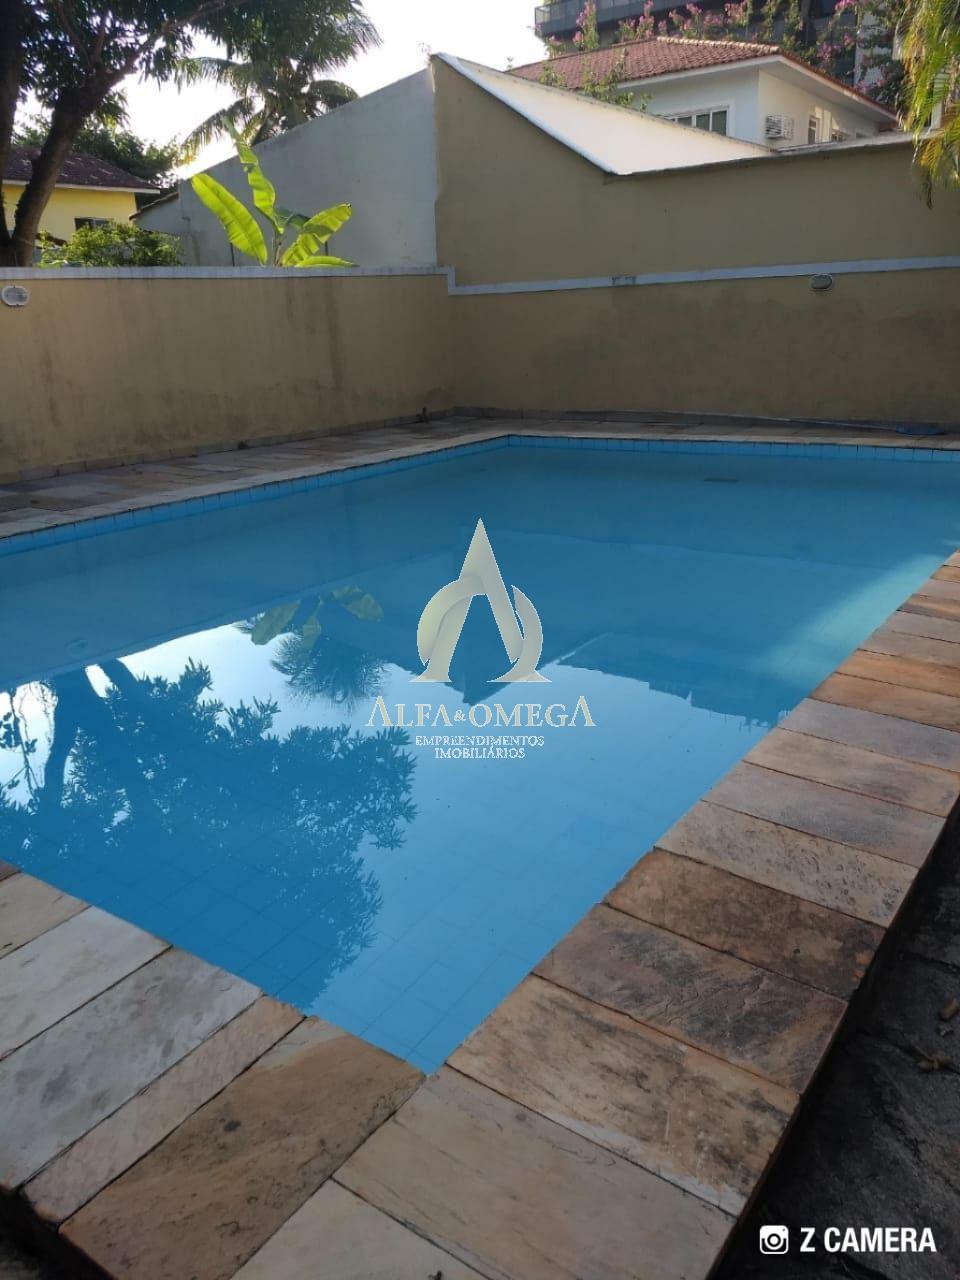 FOTO 16 - Casa em Condomínio 4 quartos à venda Barra da Tijuca, Rio de Janeiro - R$ 3.599.000 - AO60122 - 17